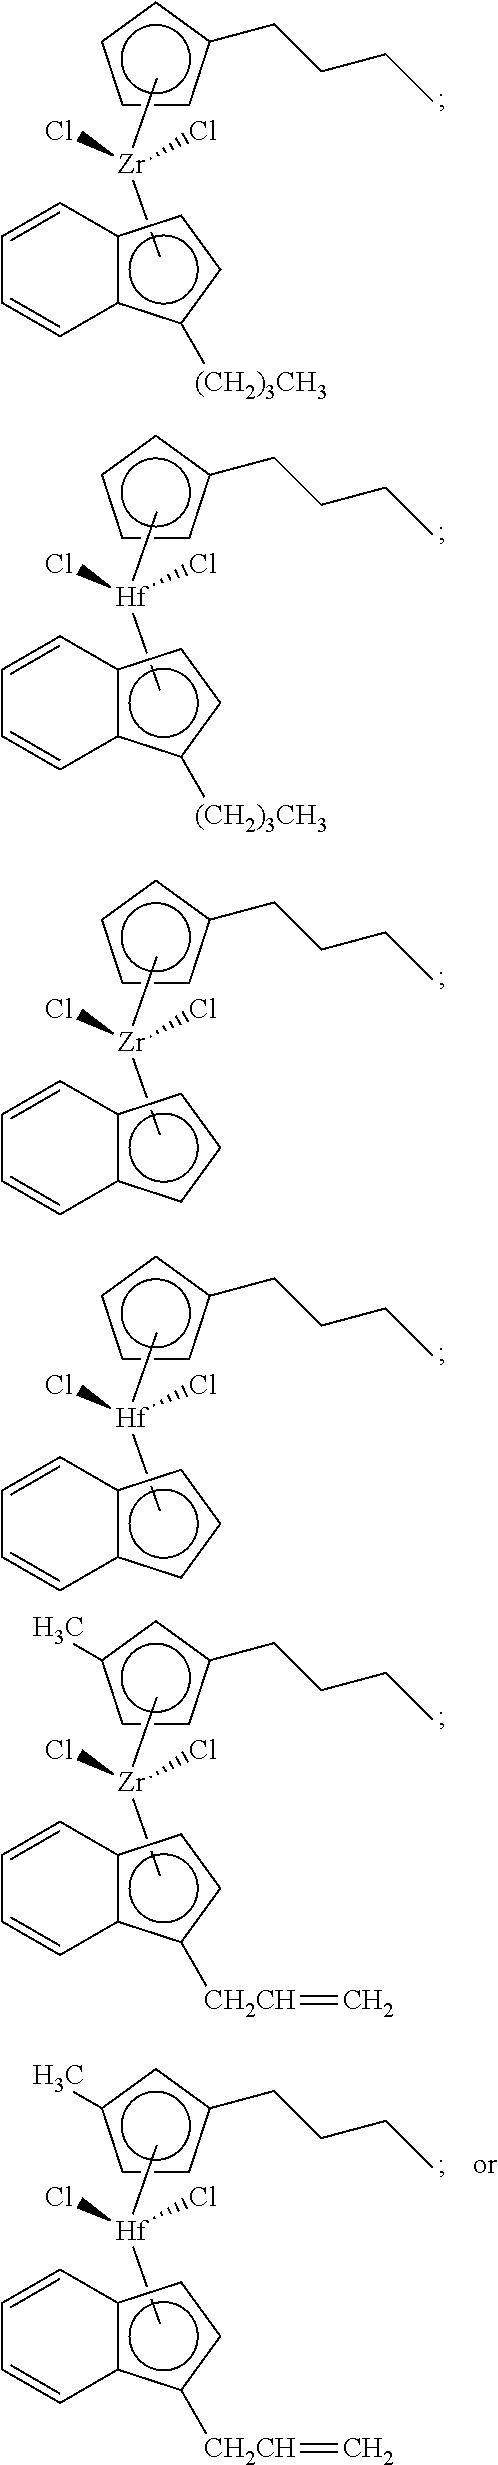 Figure US08318873-20121127-C00019